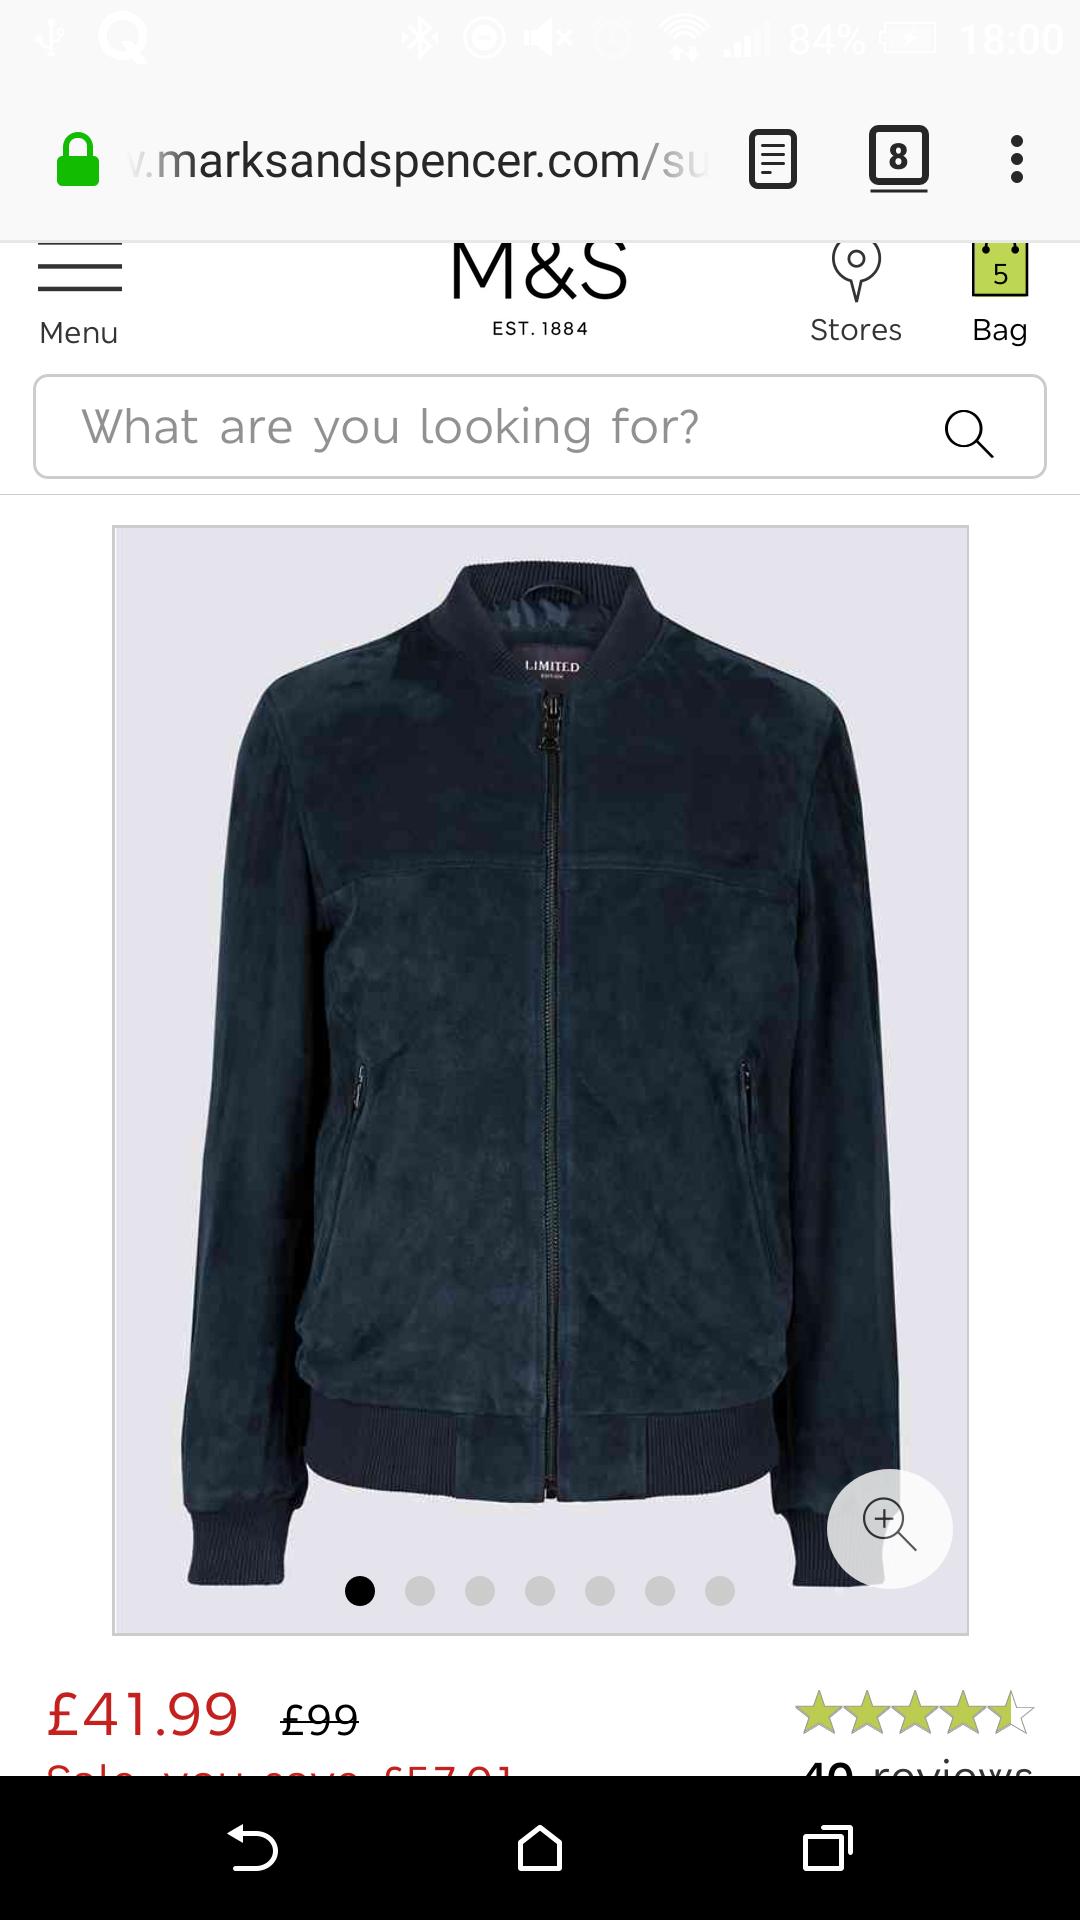 Limited Edition Suede Bomber Jacket - £41.99 @ Marks & Spencer